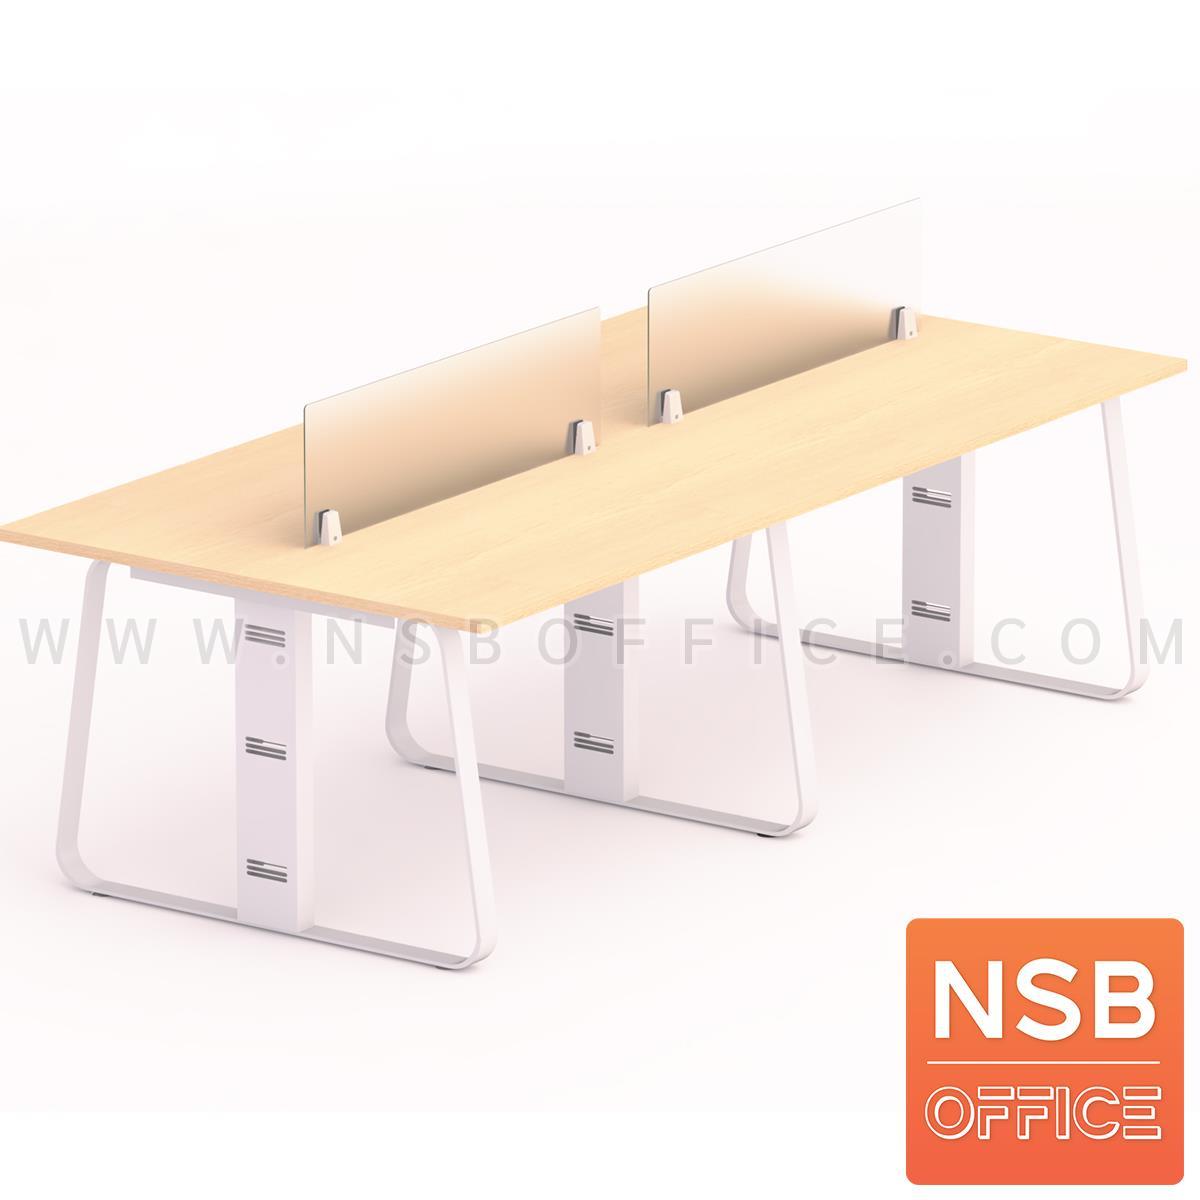 ชุดโต๊ะทำงานกลุ่ม  รุ่น Lenka 1 (เล็งกา 1) 4 ,6  ที่นั่ง พร้อมมินิสกรีน ขาเหล็ก